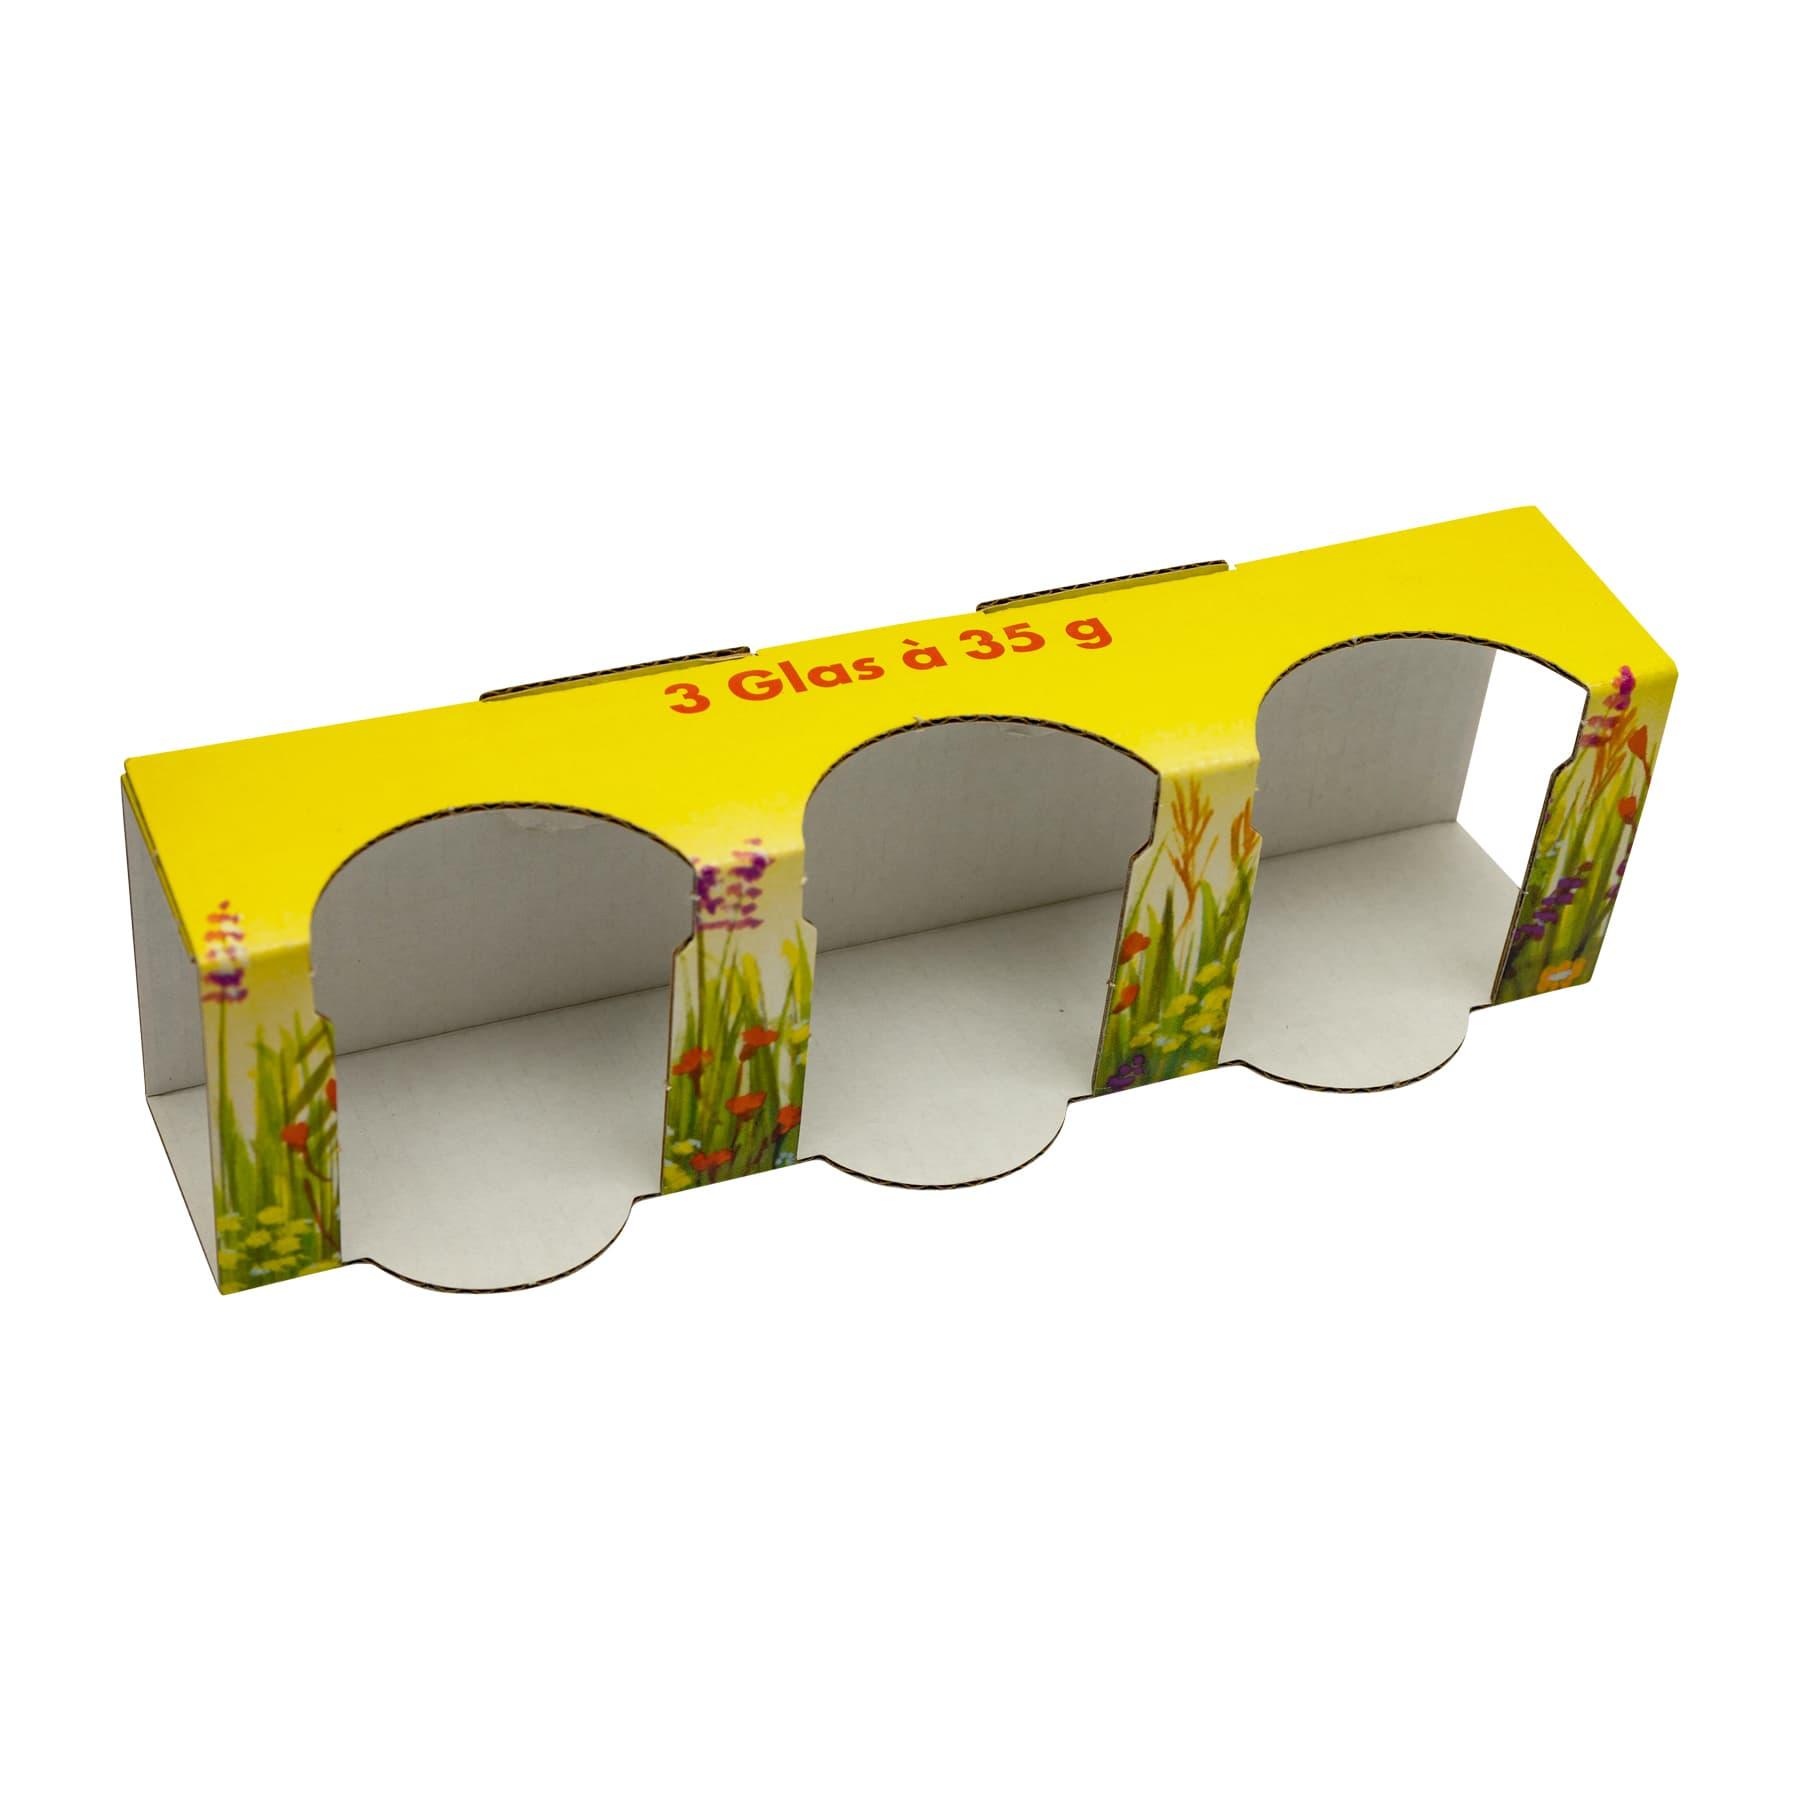 Kartonverpackung Blumenwiese  für 3 x 35 g Honigglas